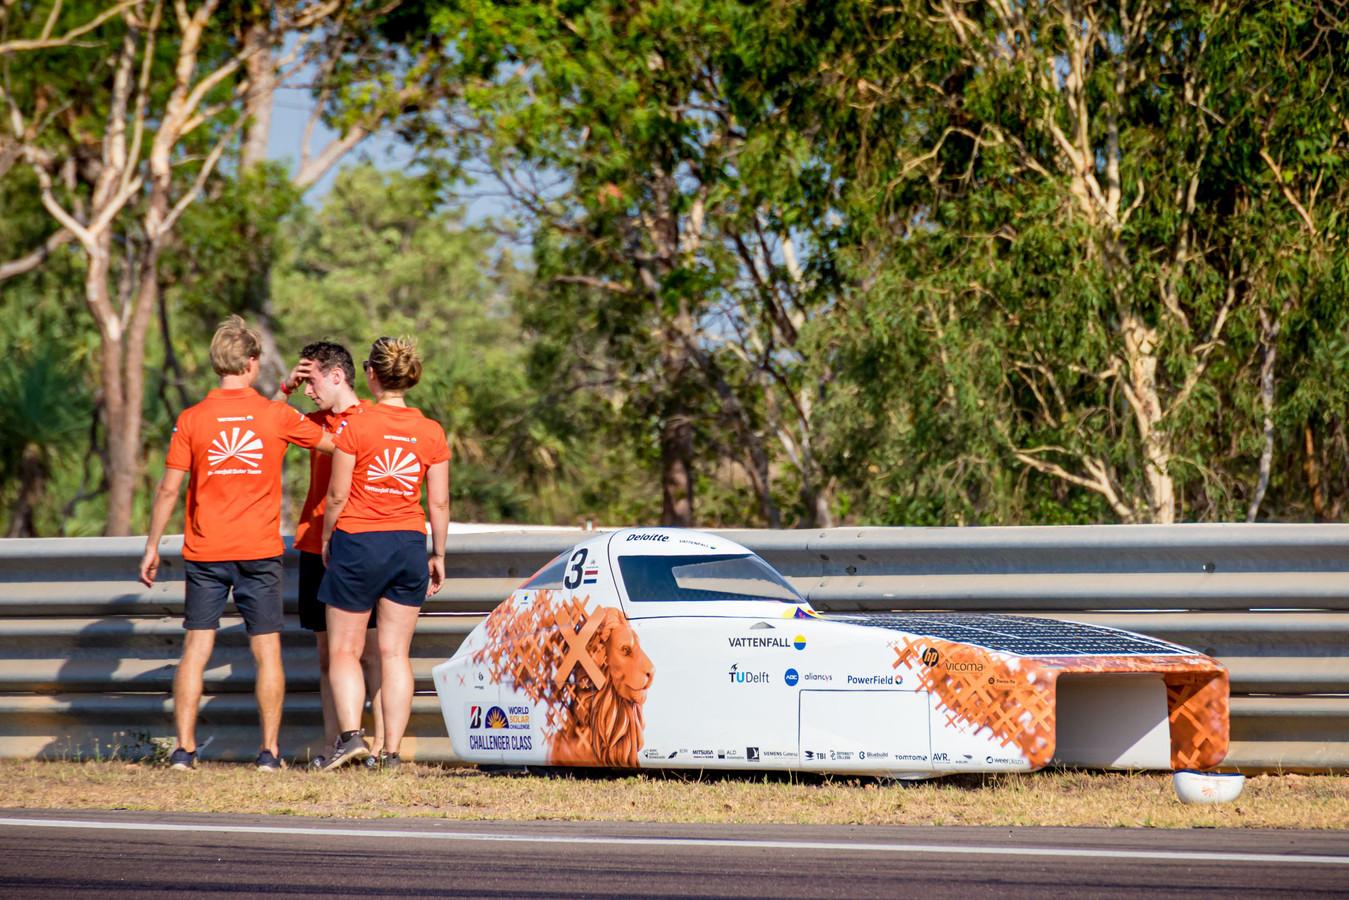 Het Vattenfall Solar Team is geschrokken nadat zonnewagen NunaX de vangrail heeft geraakt tijdens een testrit op Hidden Valley Circuit.